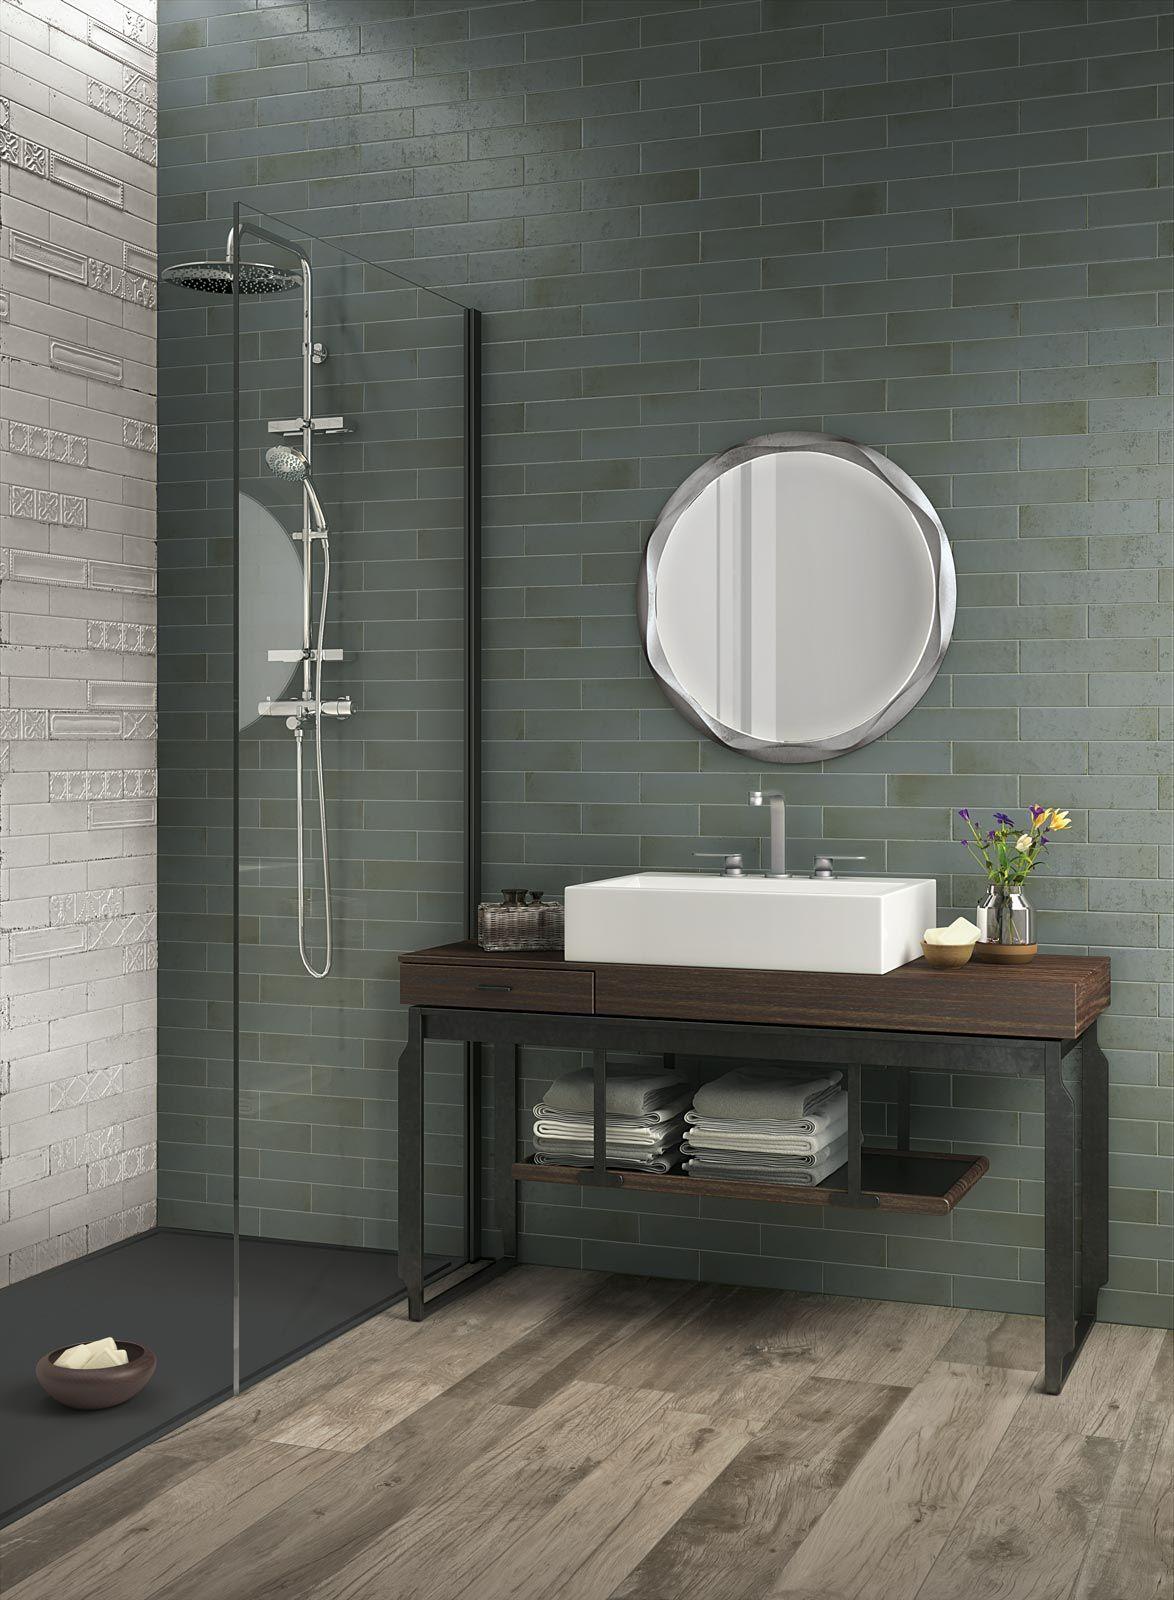 Ragno: Piastrelle Bagno_7908 | Piastrelle bagno | Pinterest | Badezimmer